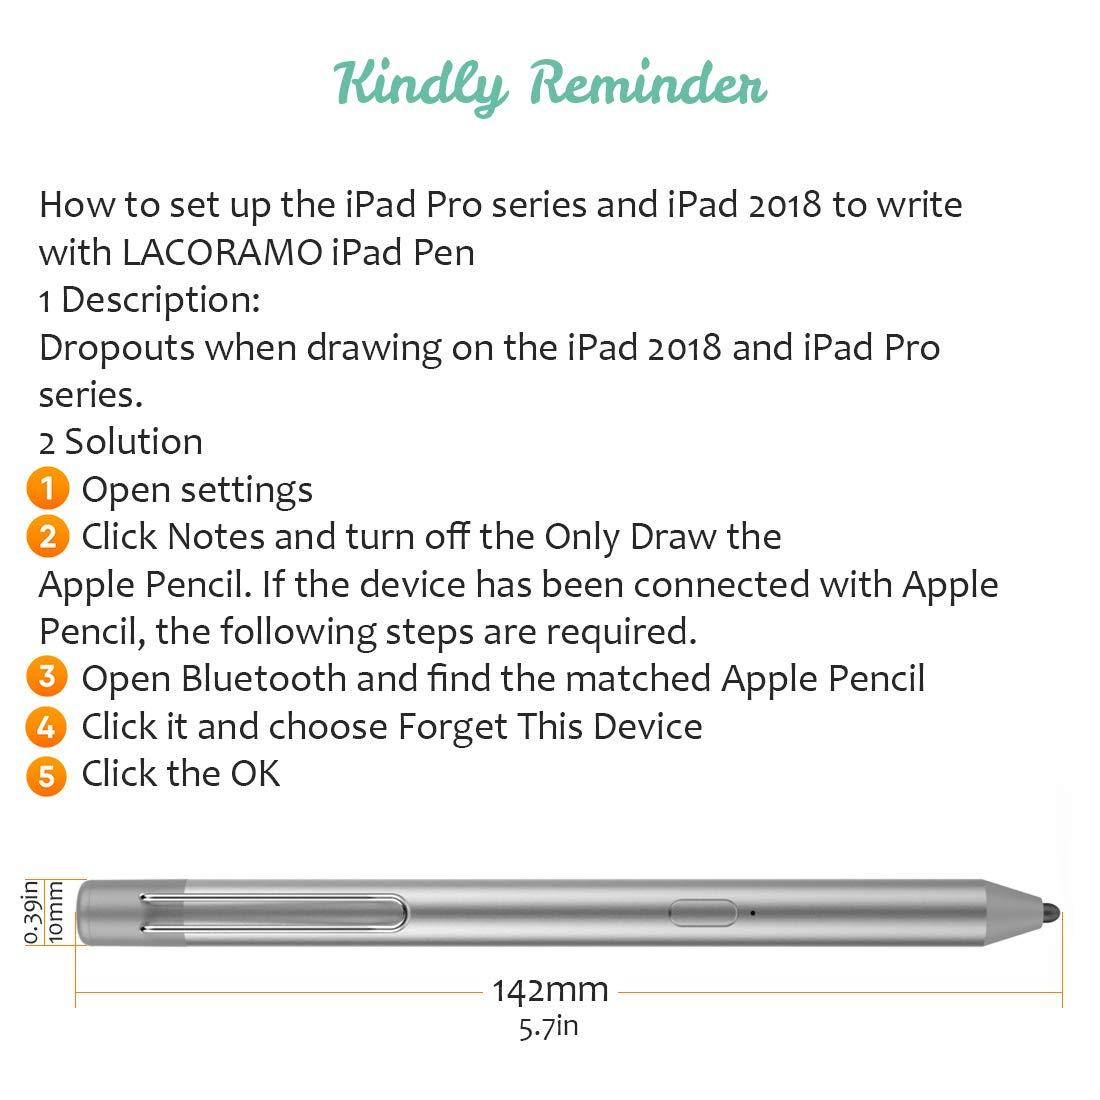 LACORAMO Penna Stilo per Serie iPad CE/&FCC Certificata Matita Digitale Ricaricabile con di Punta AggiornatA 40 Ore di Autonomia Spegnimento Automatico in Standby per 30 Giorni Versione Aggiornata